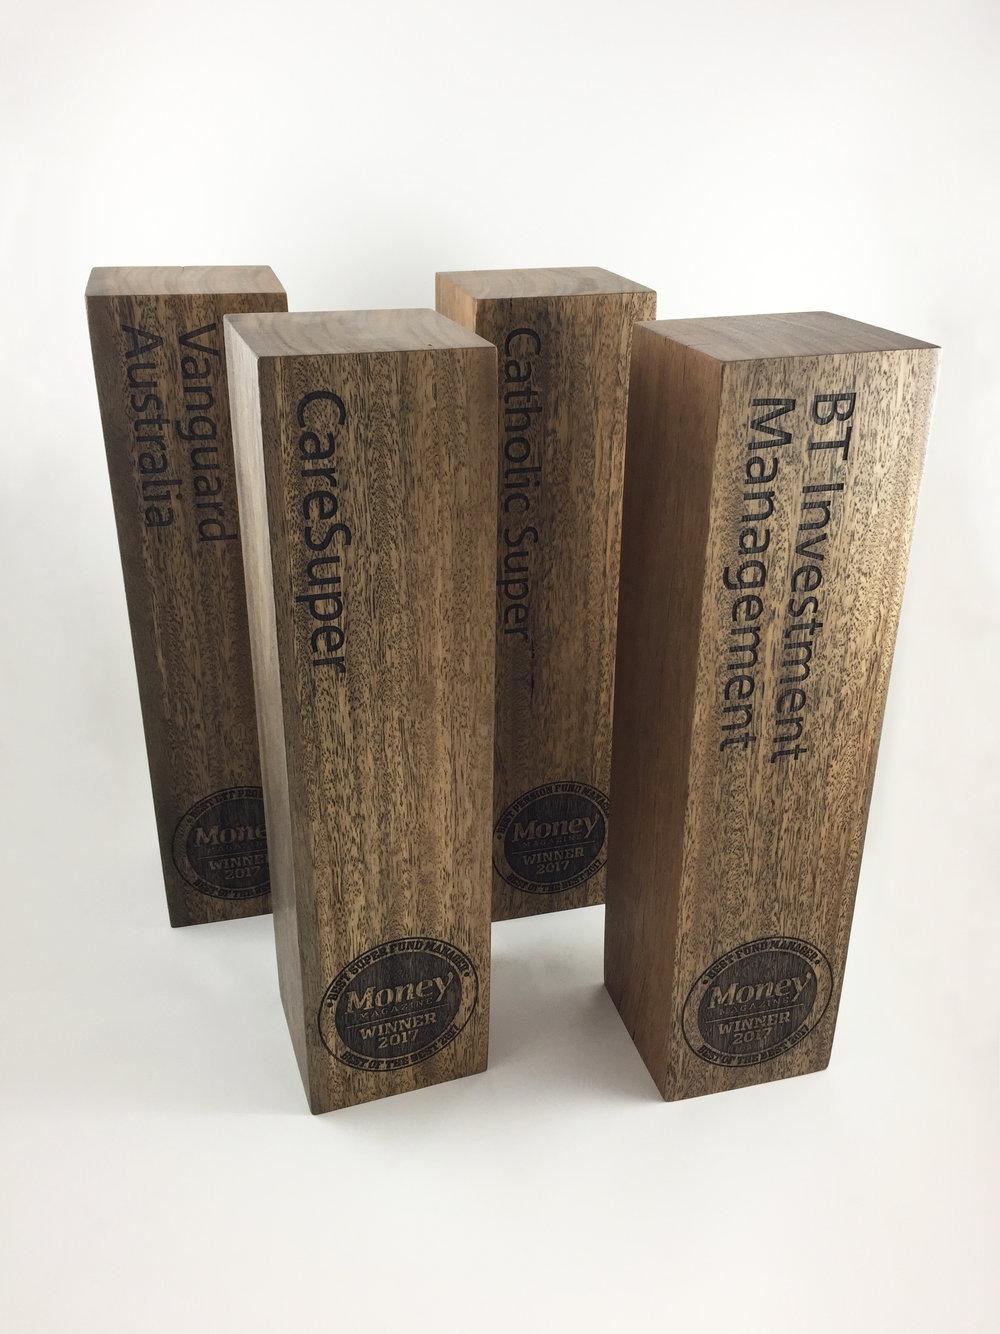 money-magazine-eco-timber-engraved-award-trophy-02.jpg